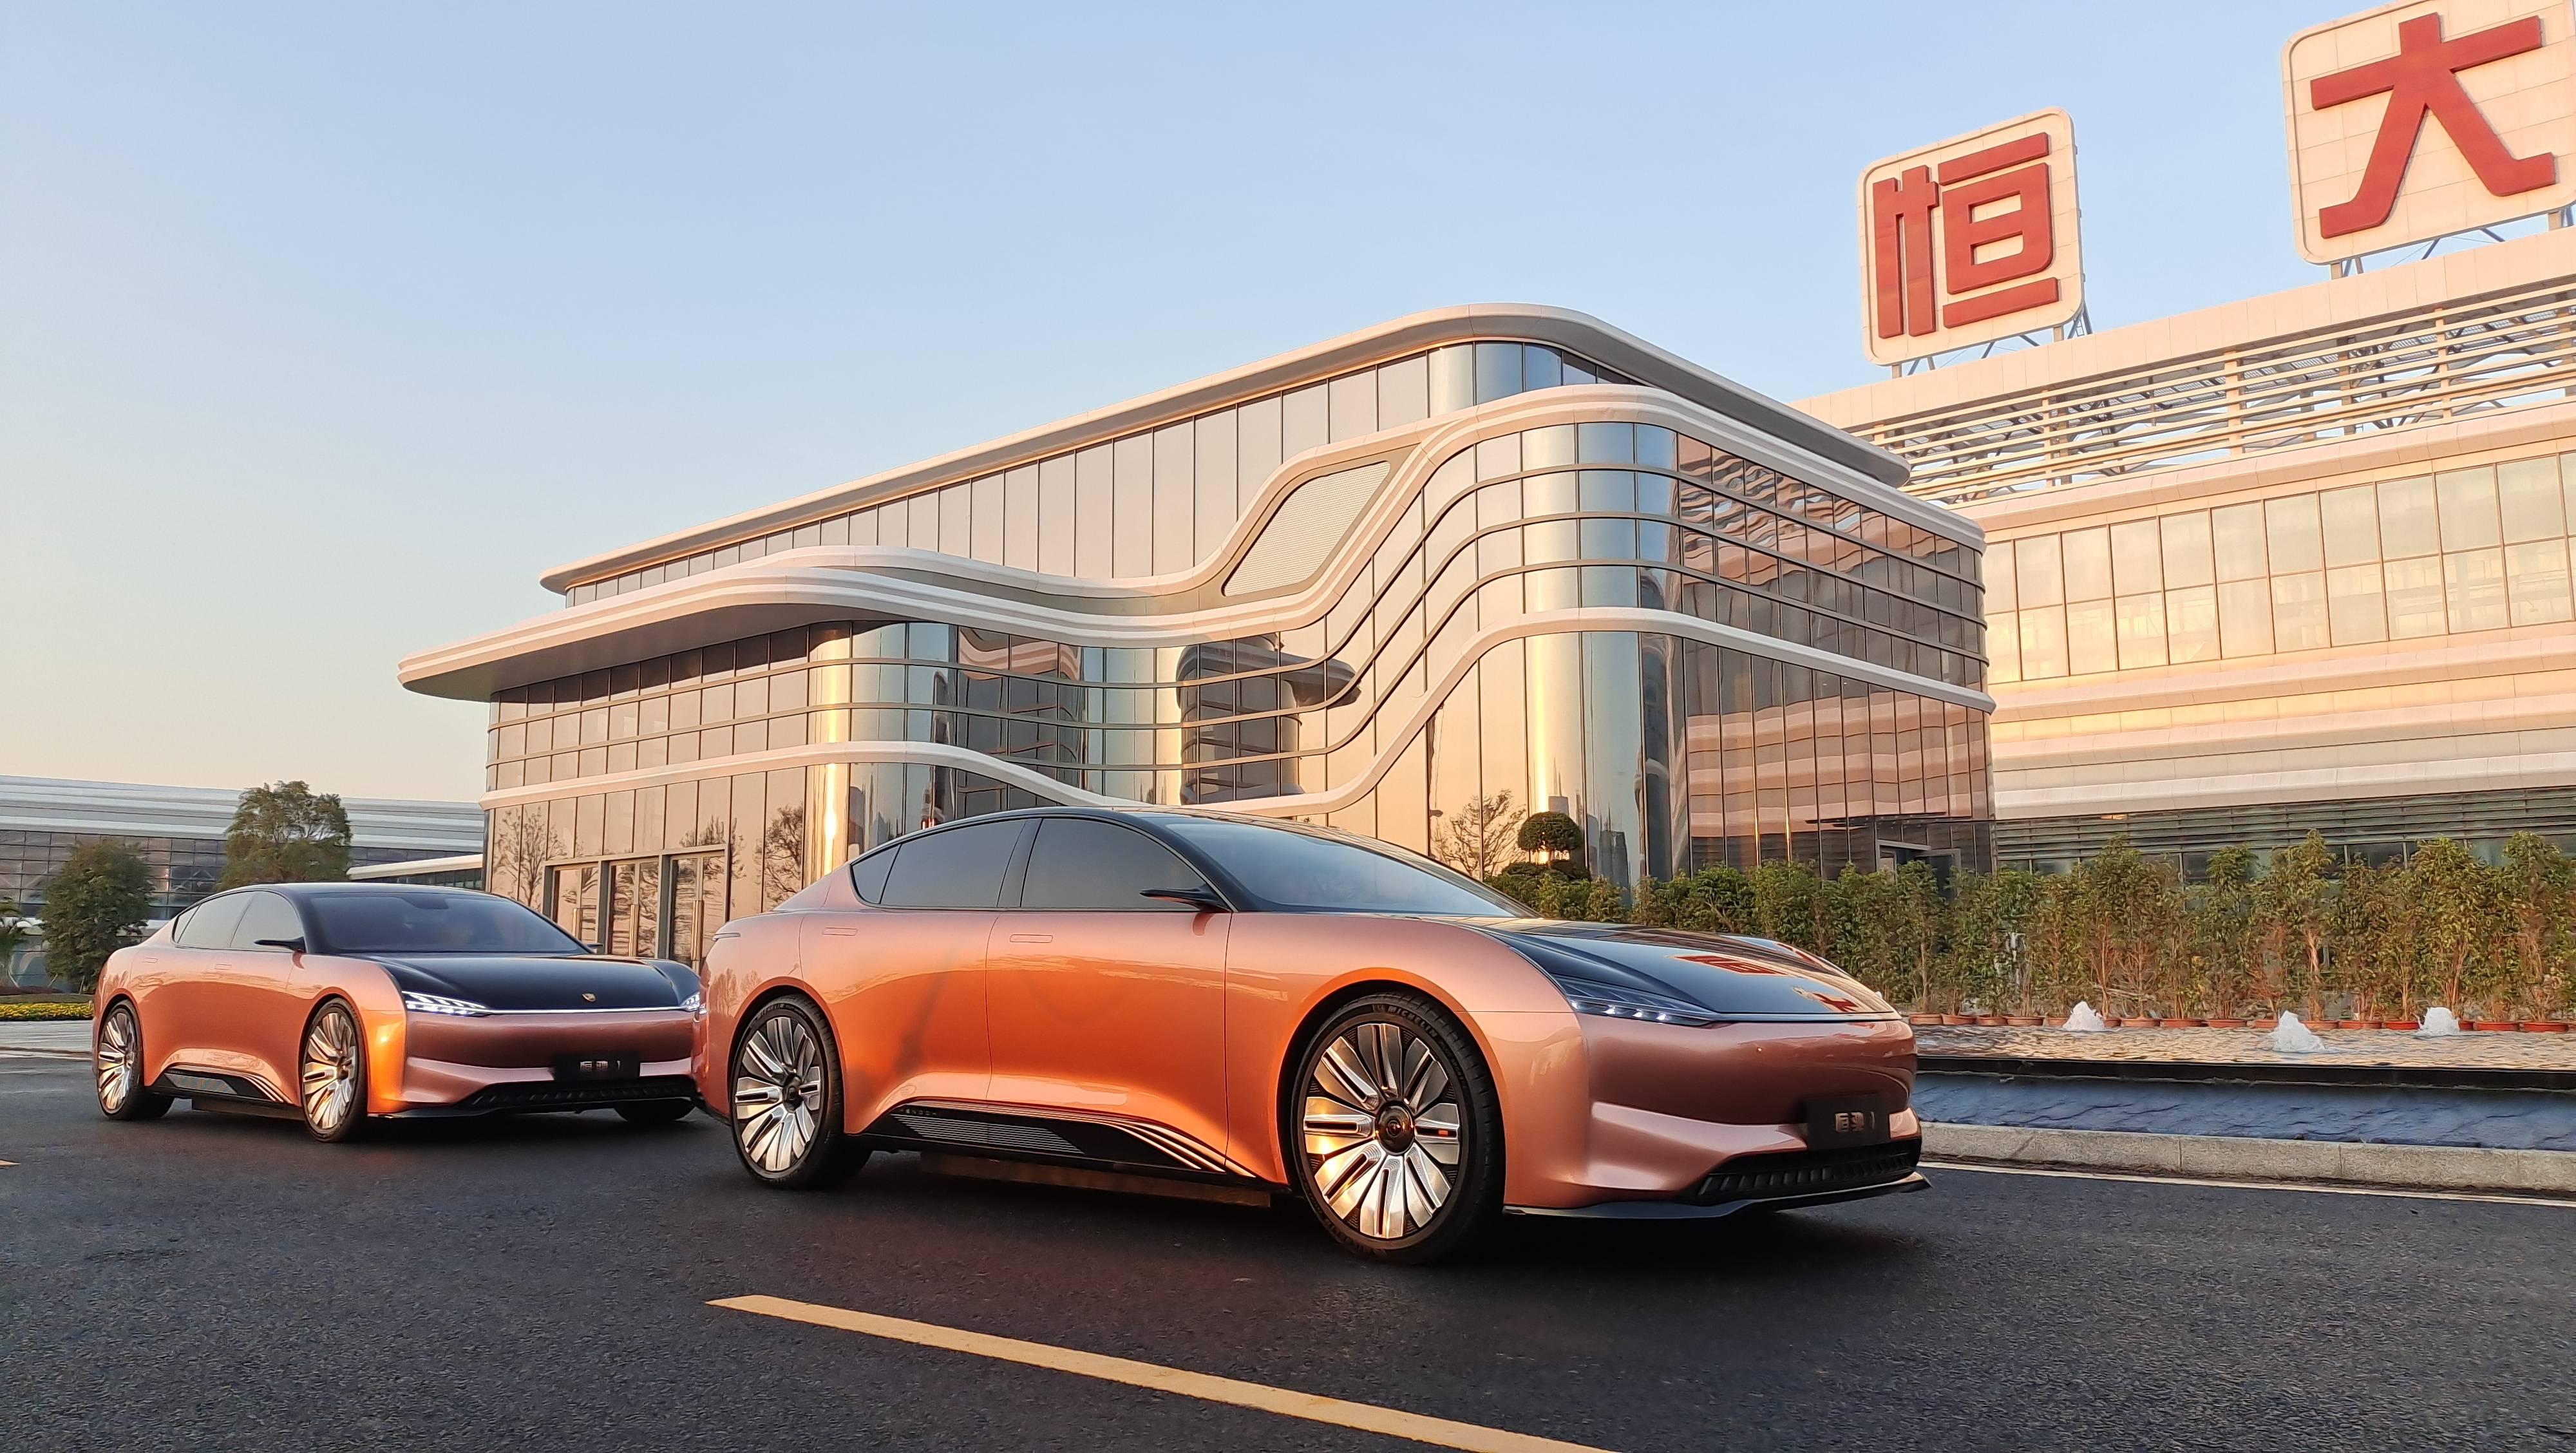 恒大汽车获得260亿港元新投资,用于R